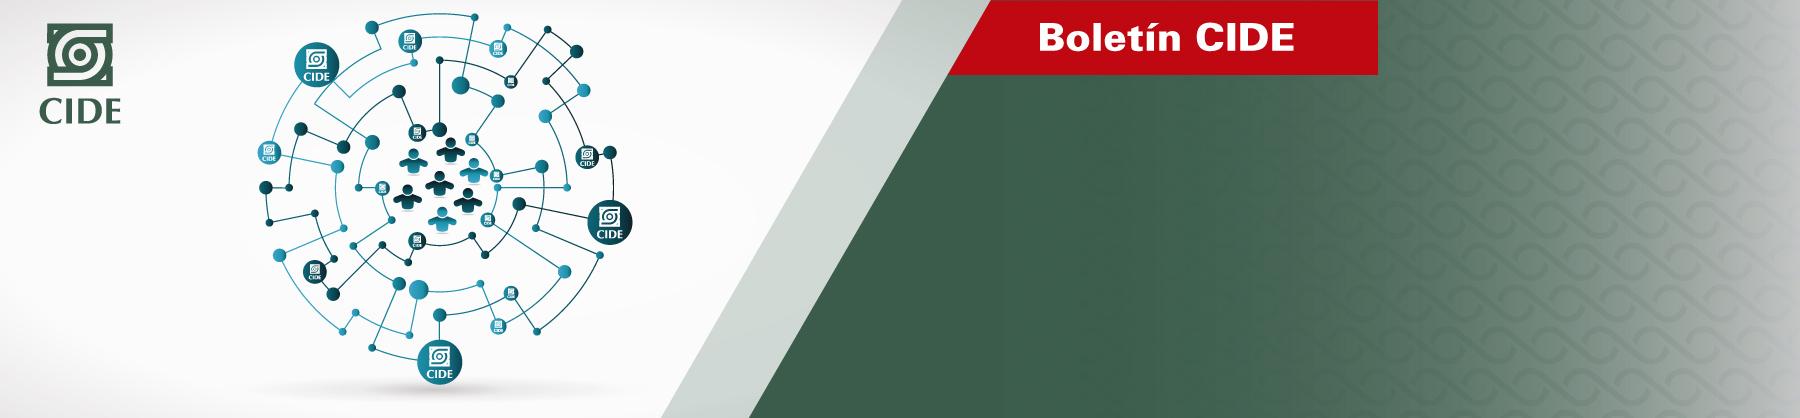 BH-Boletin-404